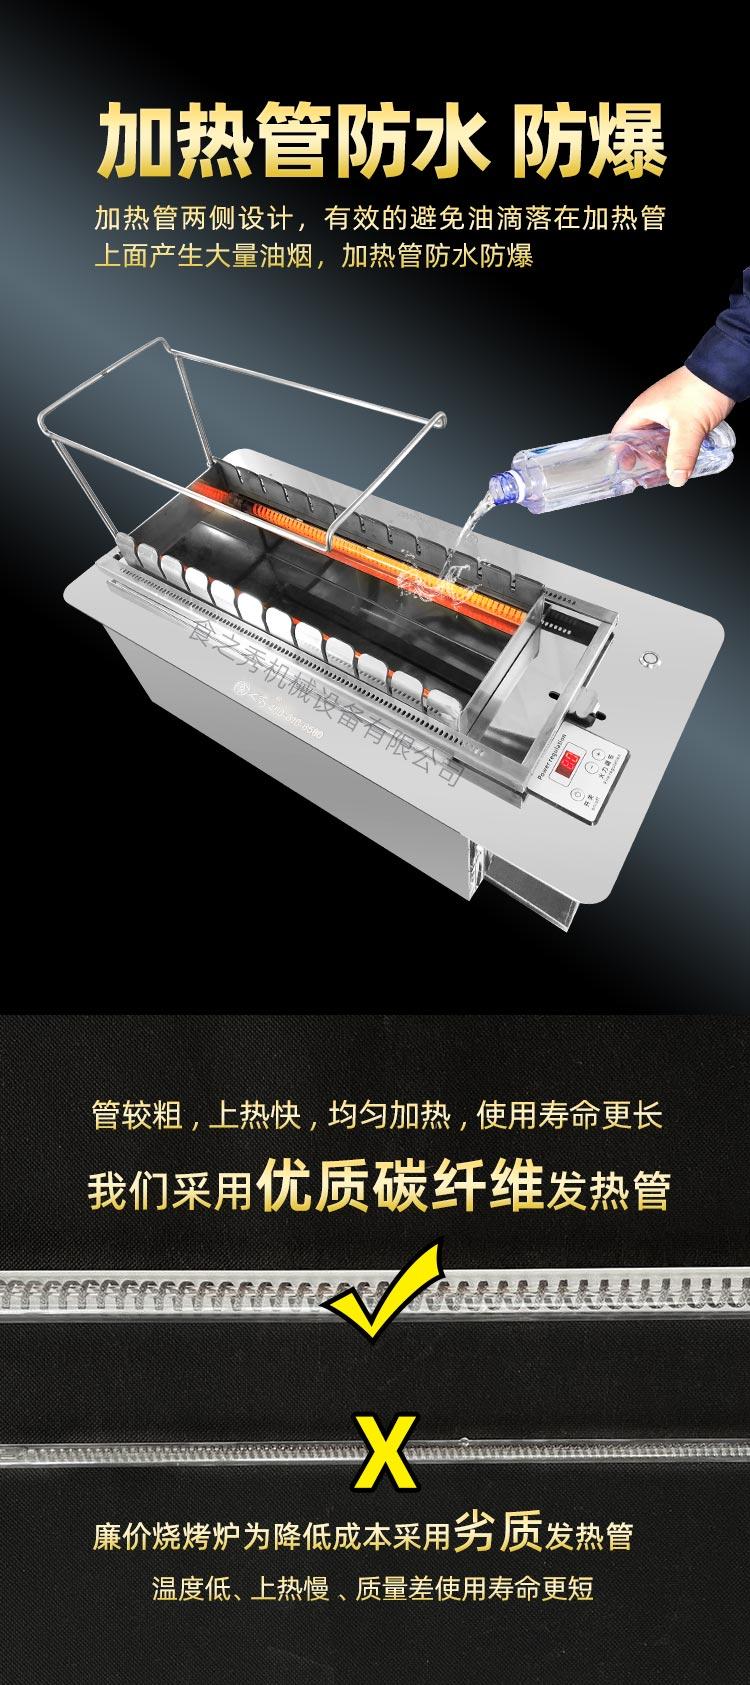 自动旋转电烤串炉,环保无烟电烤炉,商用无烟电烤炉